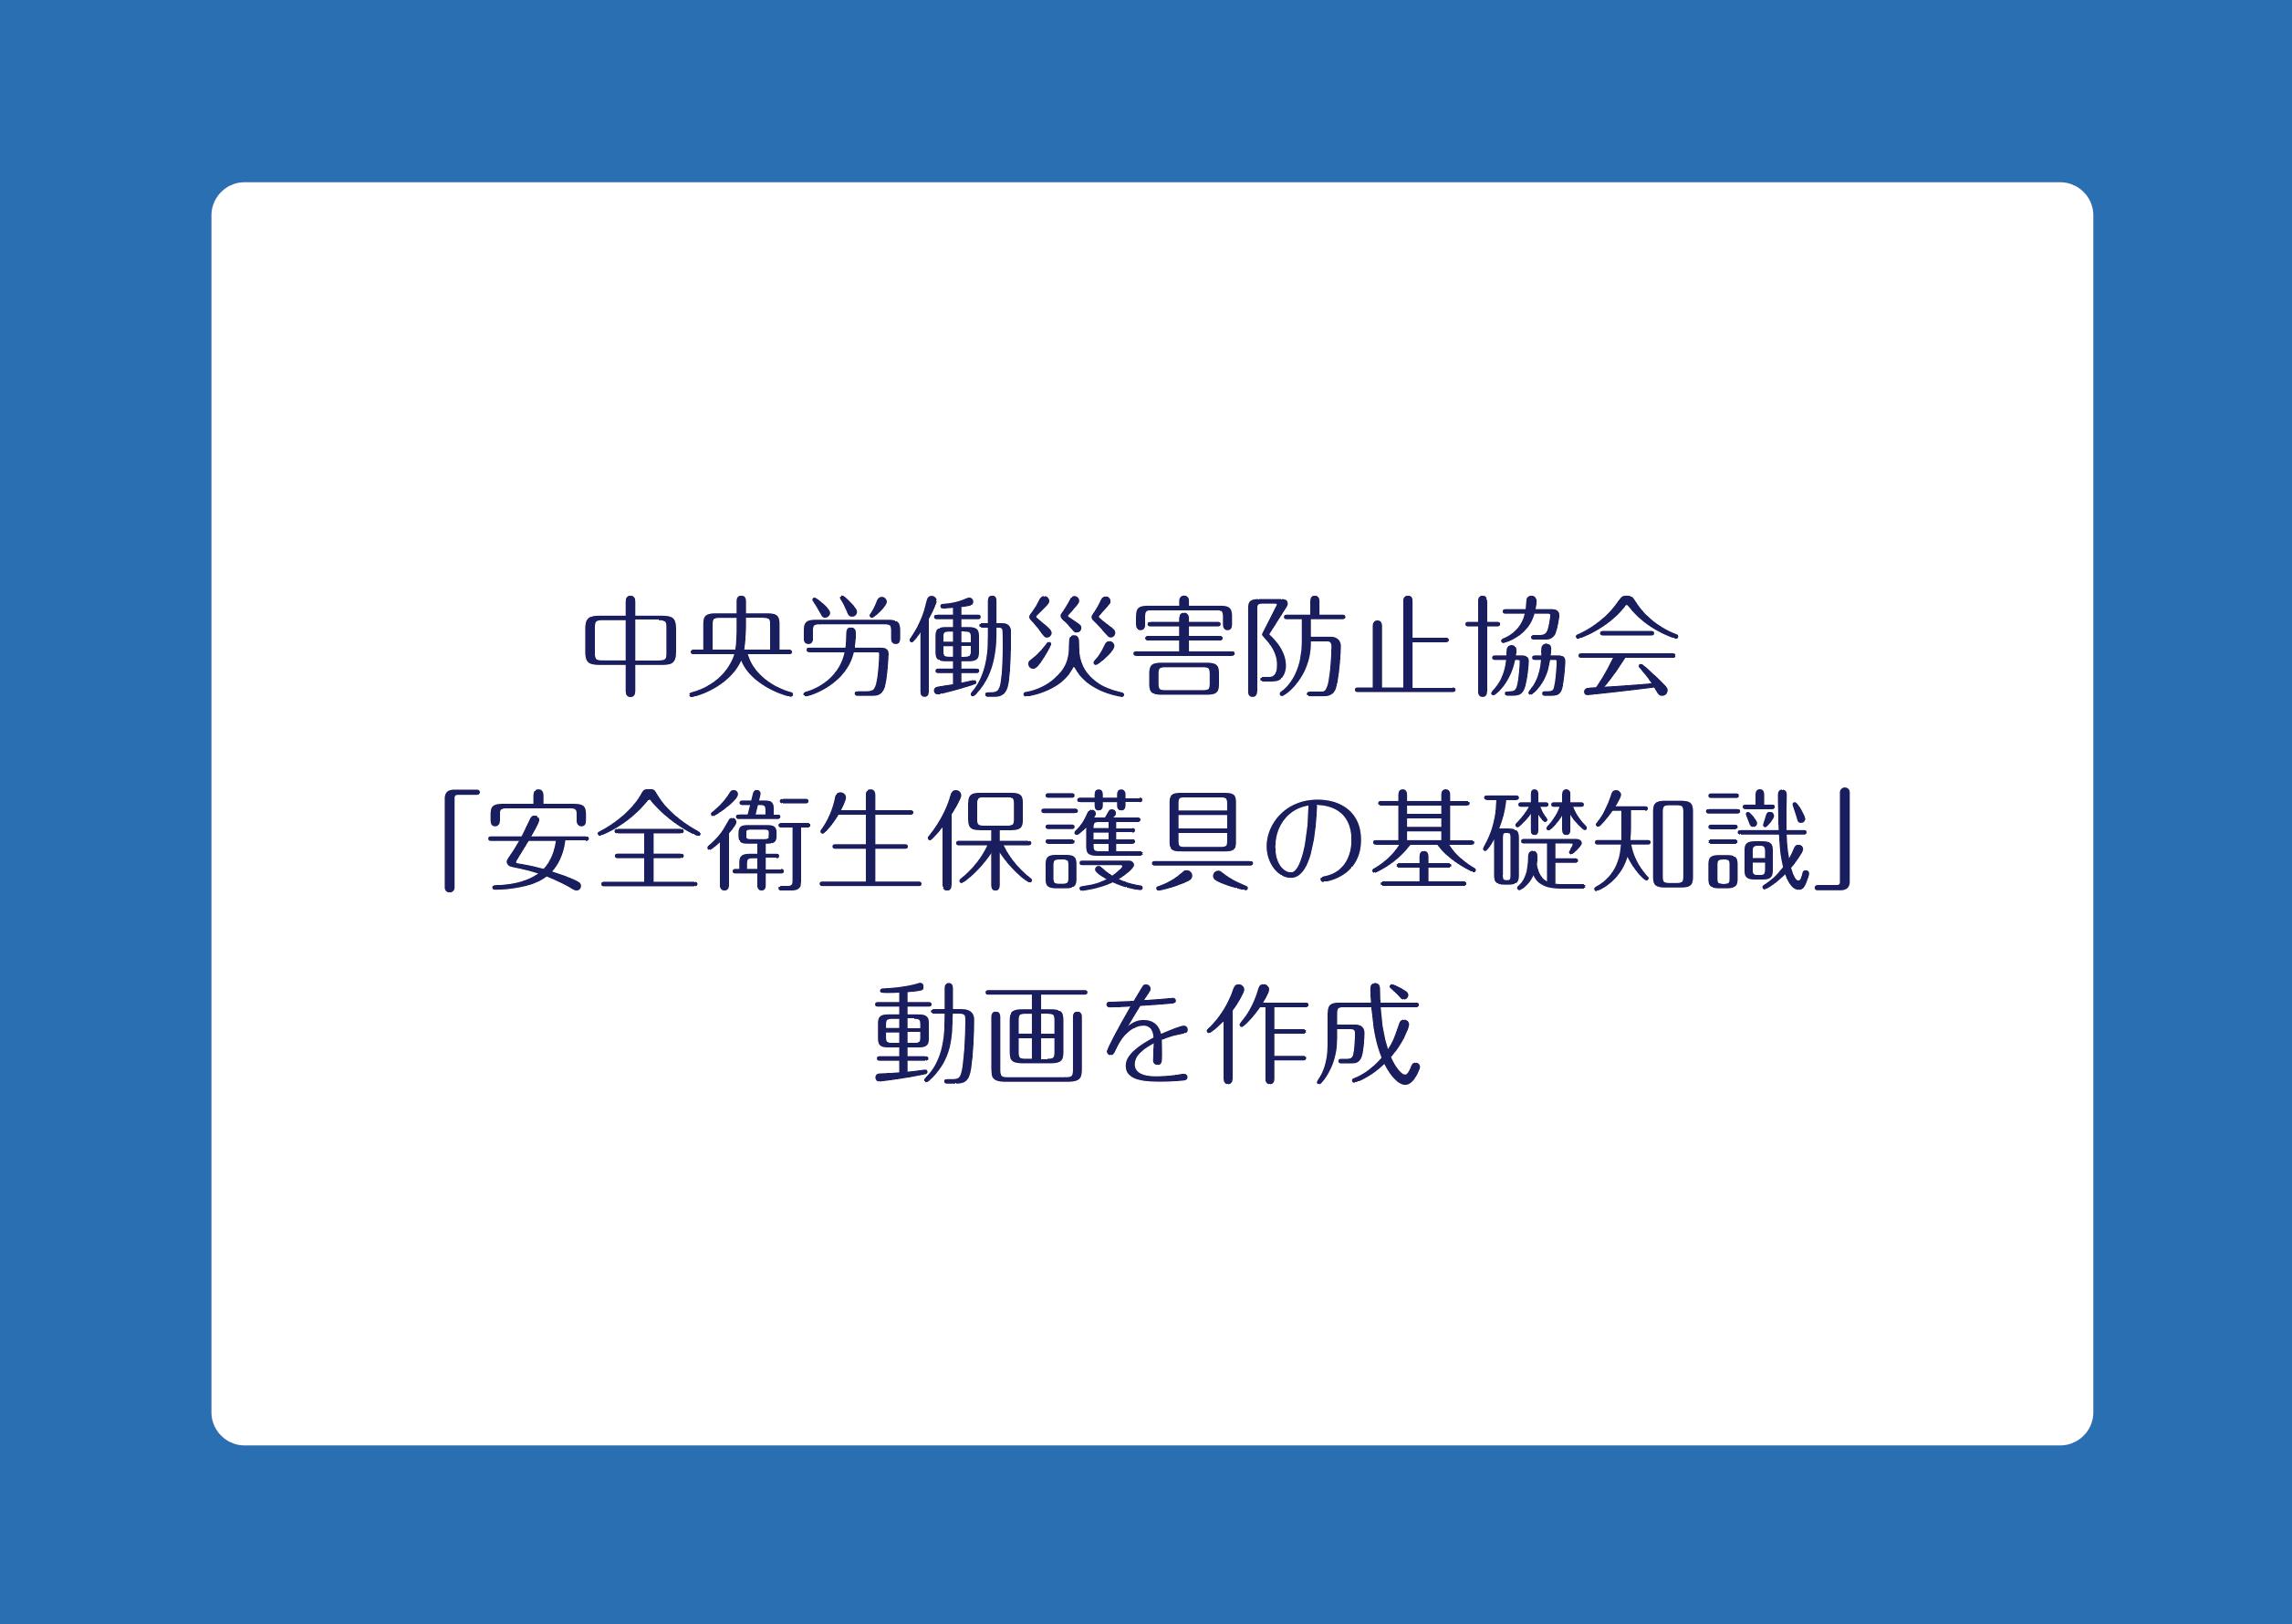 中央労働災害防止協会 「安全衛生保護具の基礎知識」動画を作成の画像